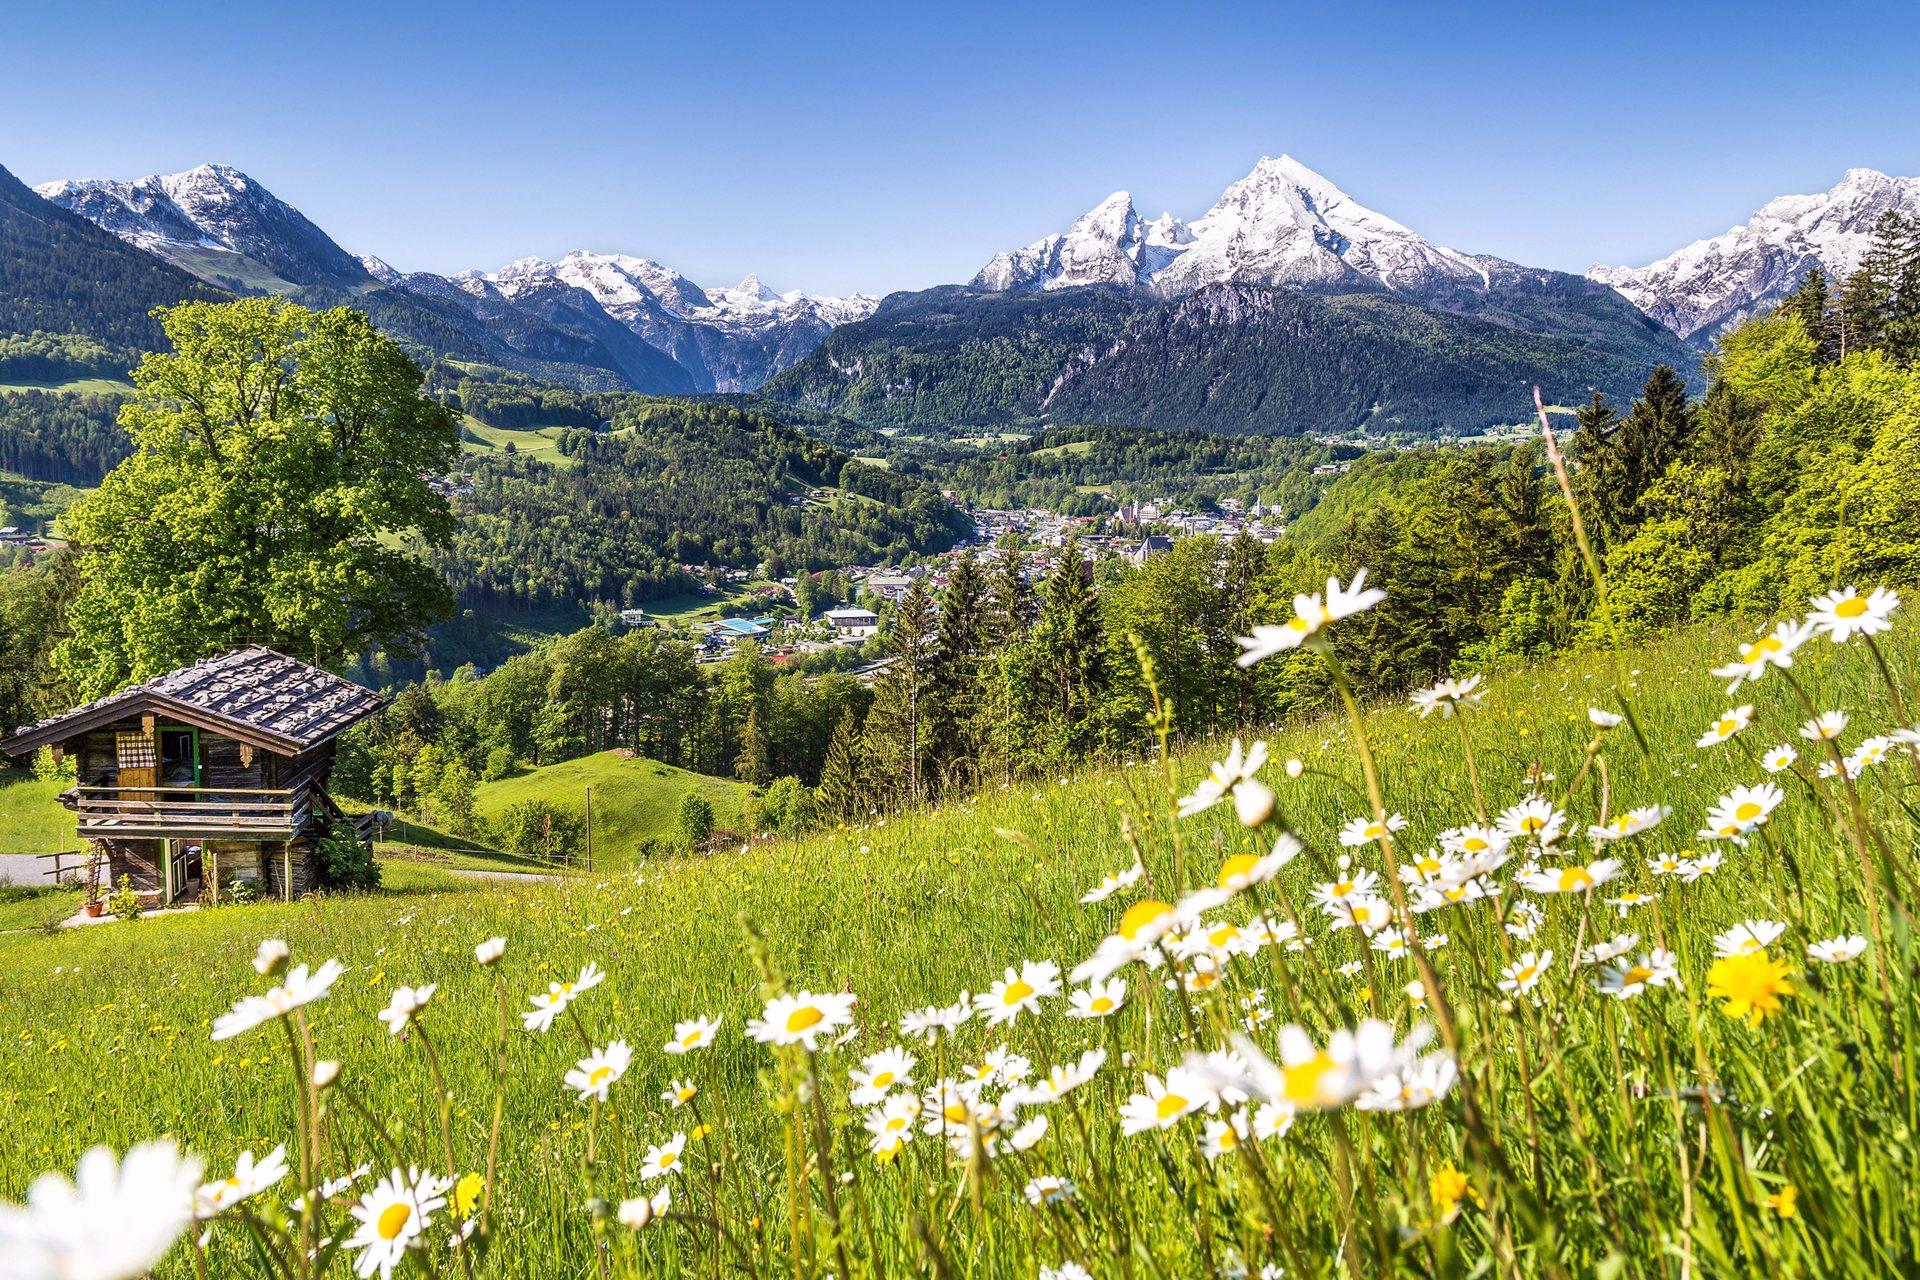 vacances autriche Vacances Autriche - Réservez vos voyage Autriche | TUI